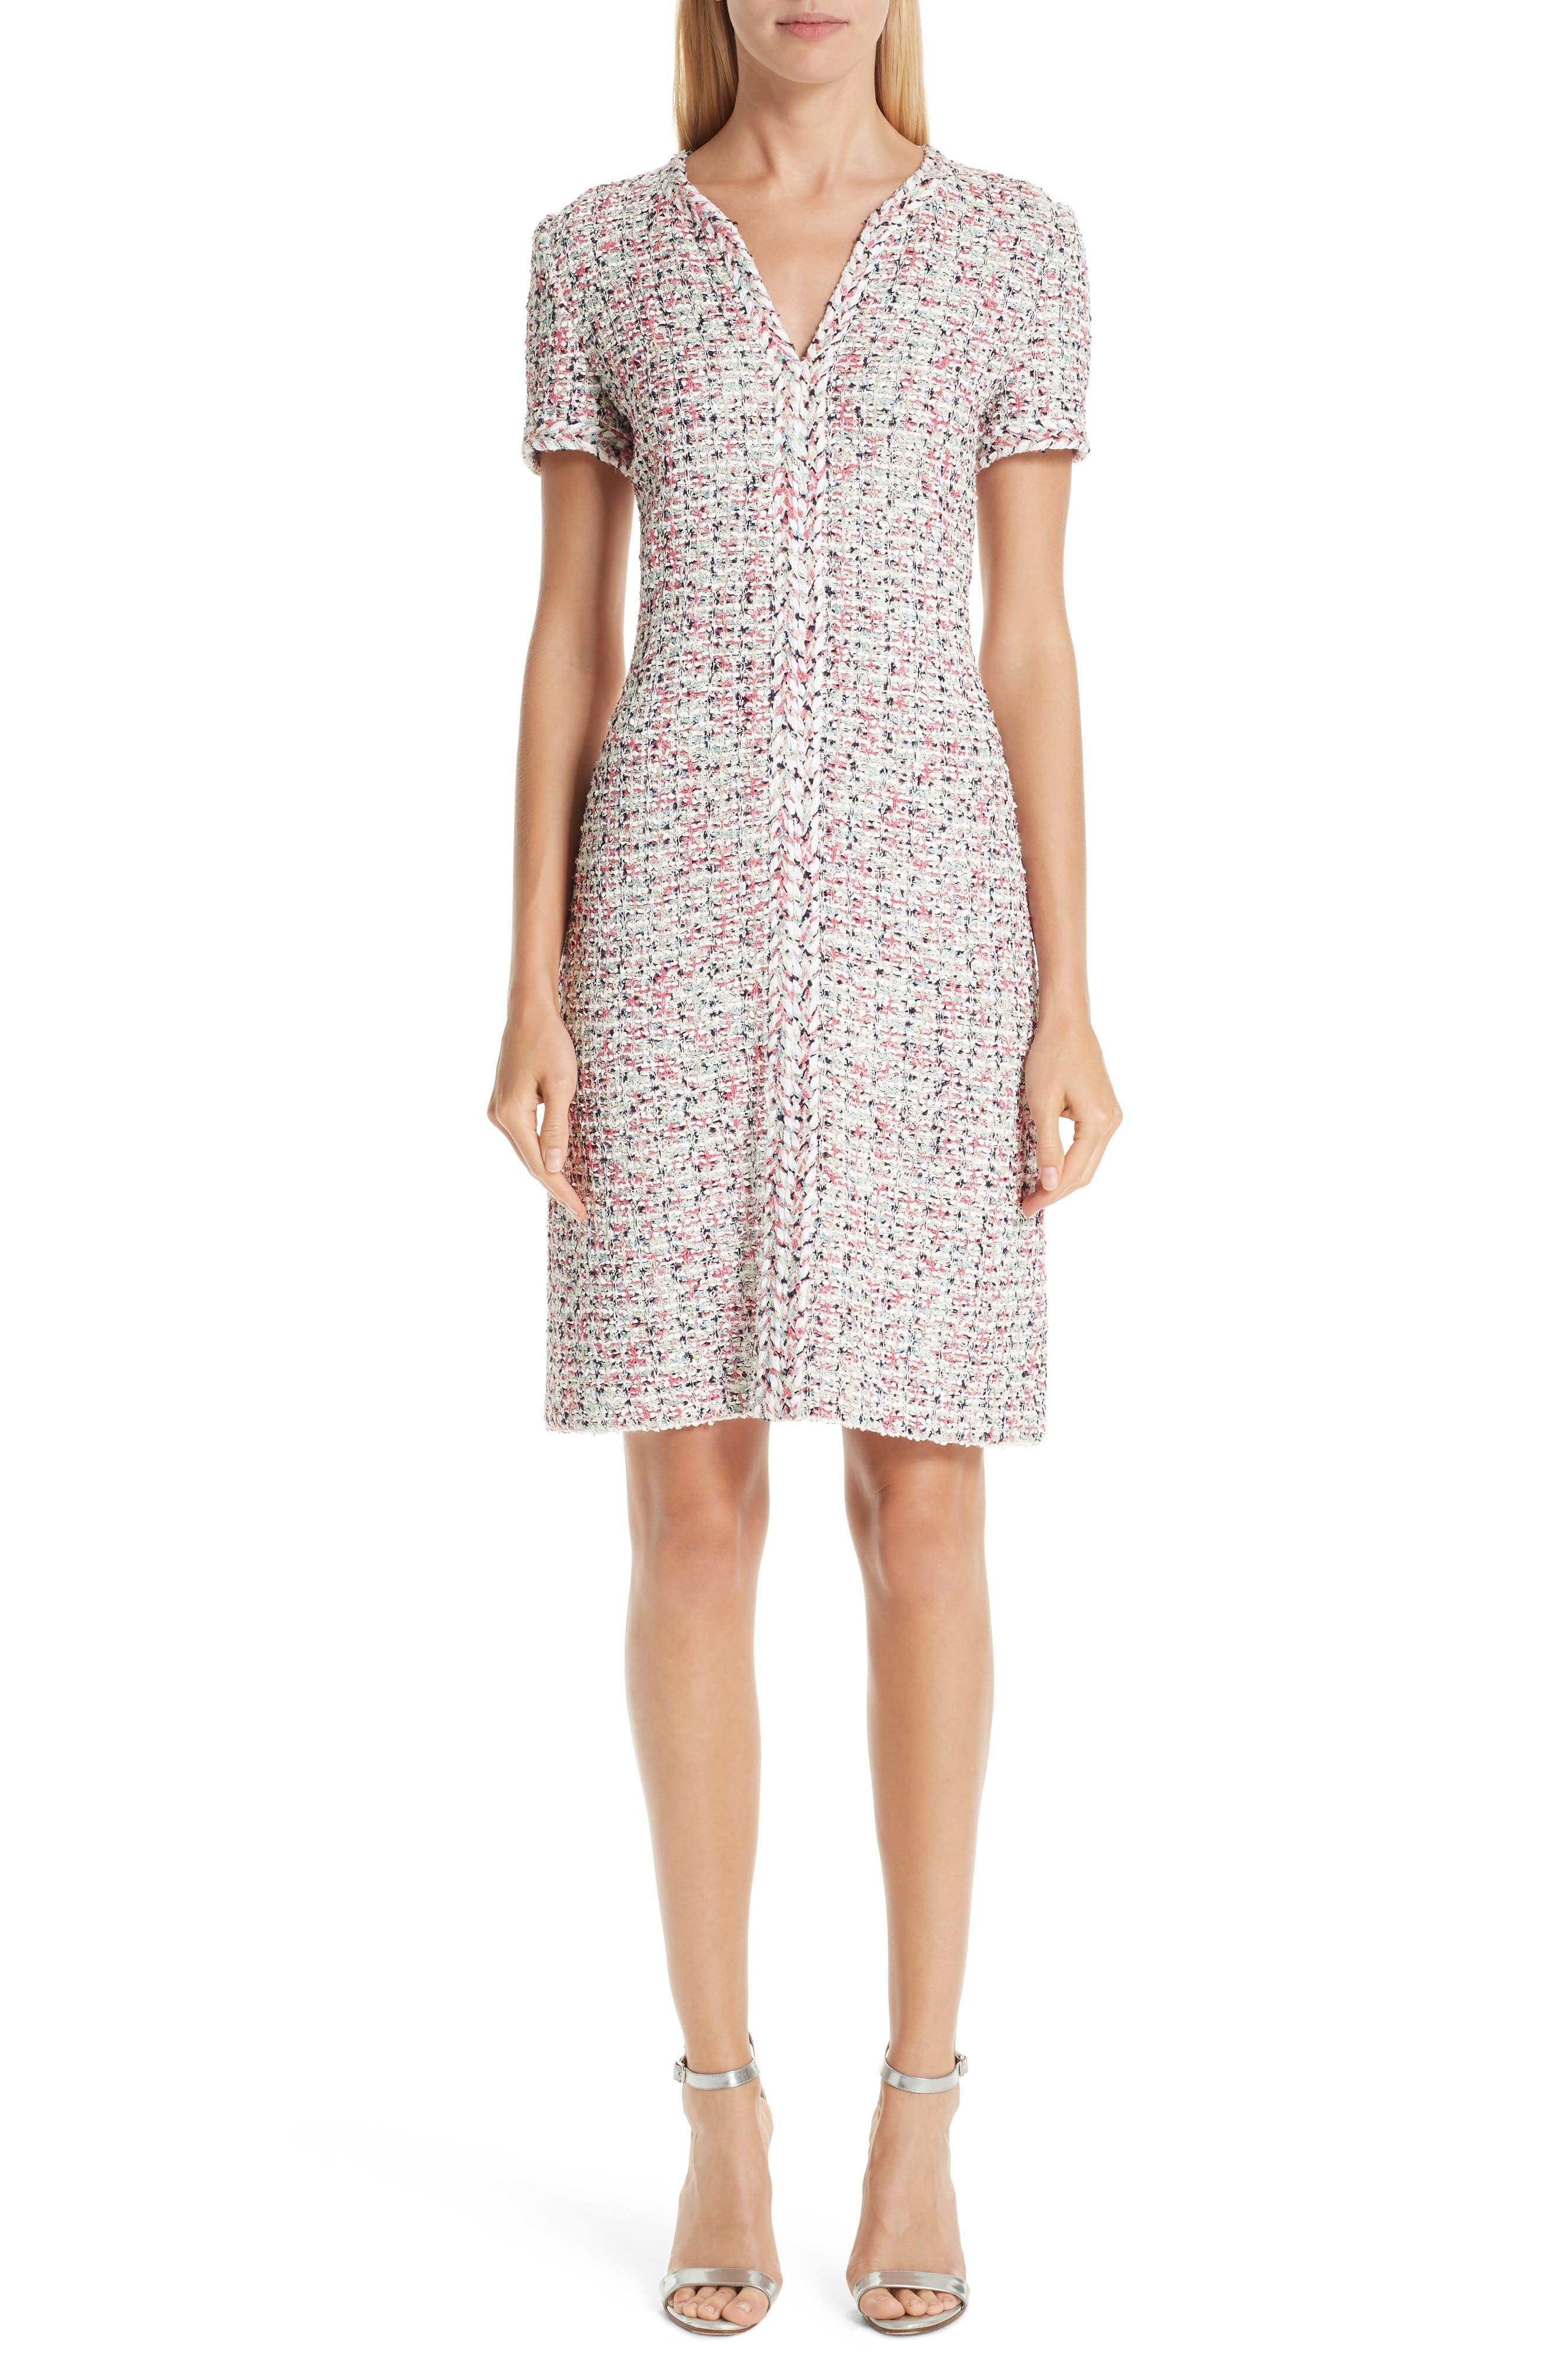 St. John Collection Modern Knit Dress, Beige